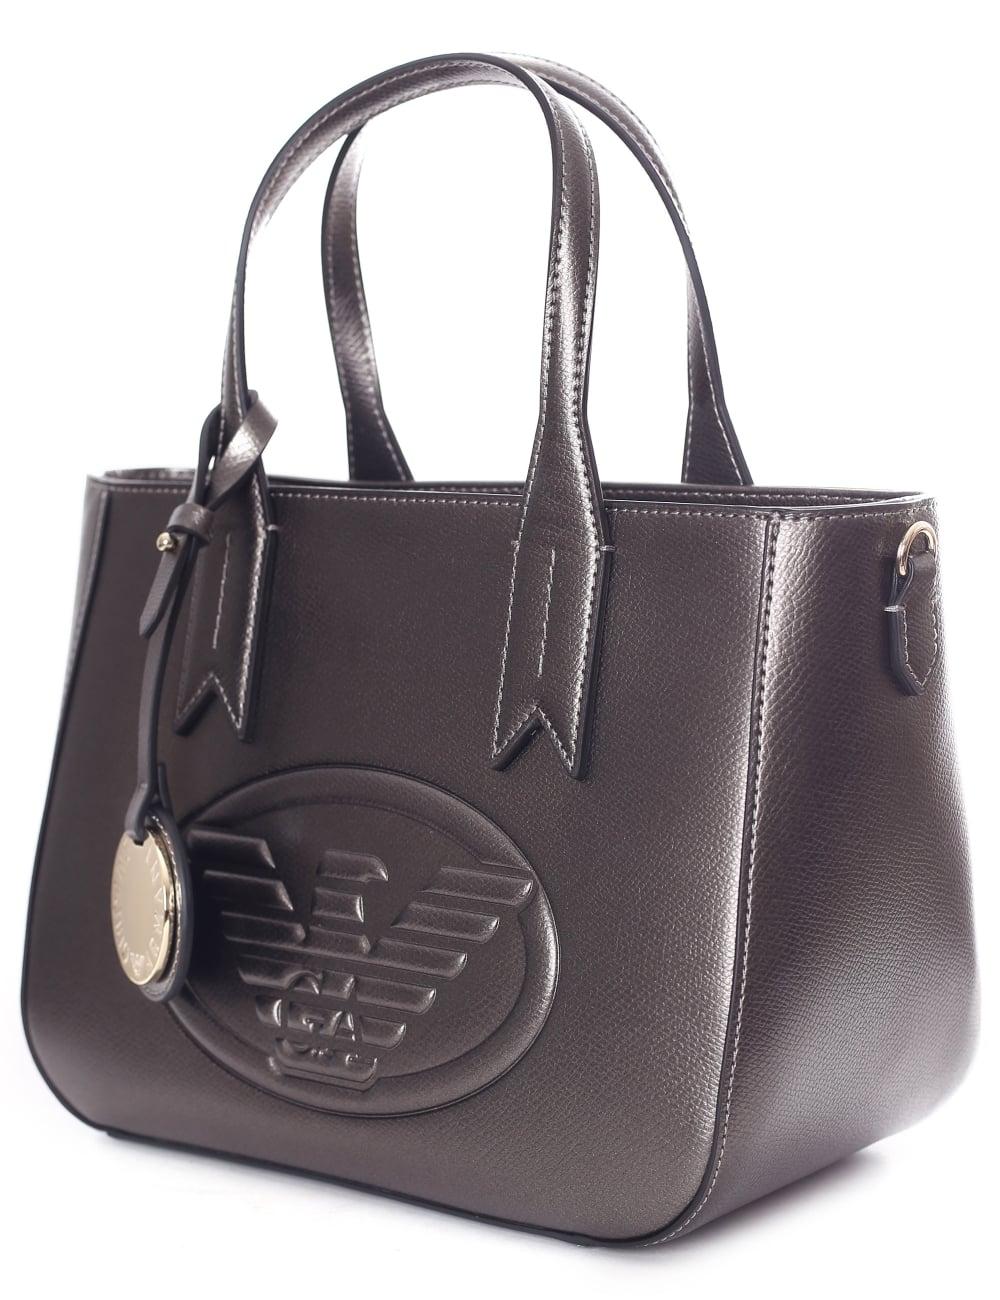 9a7a5a5d51 Armani Jeans Women s Eagle Logo Mini Shopper